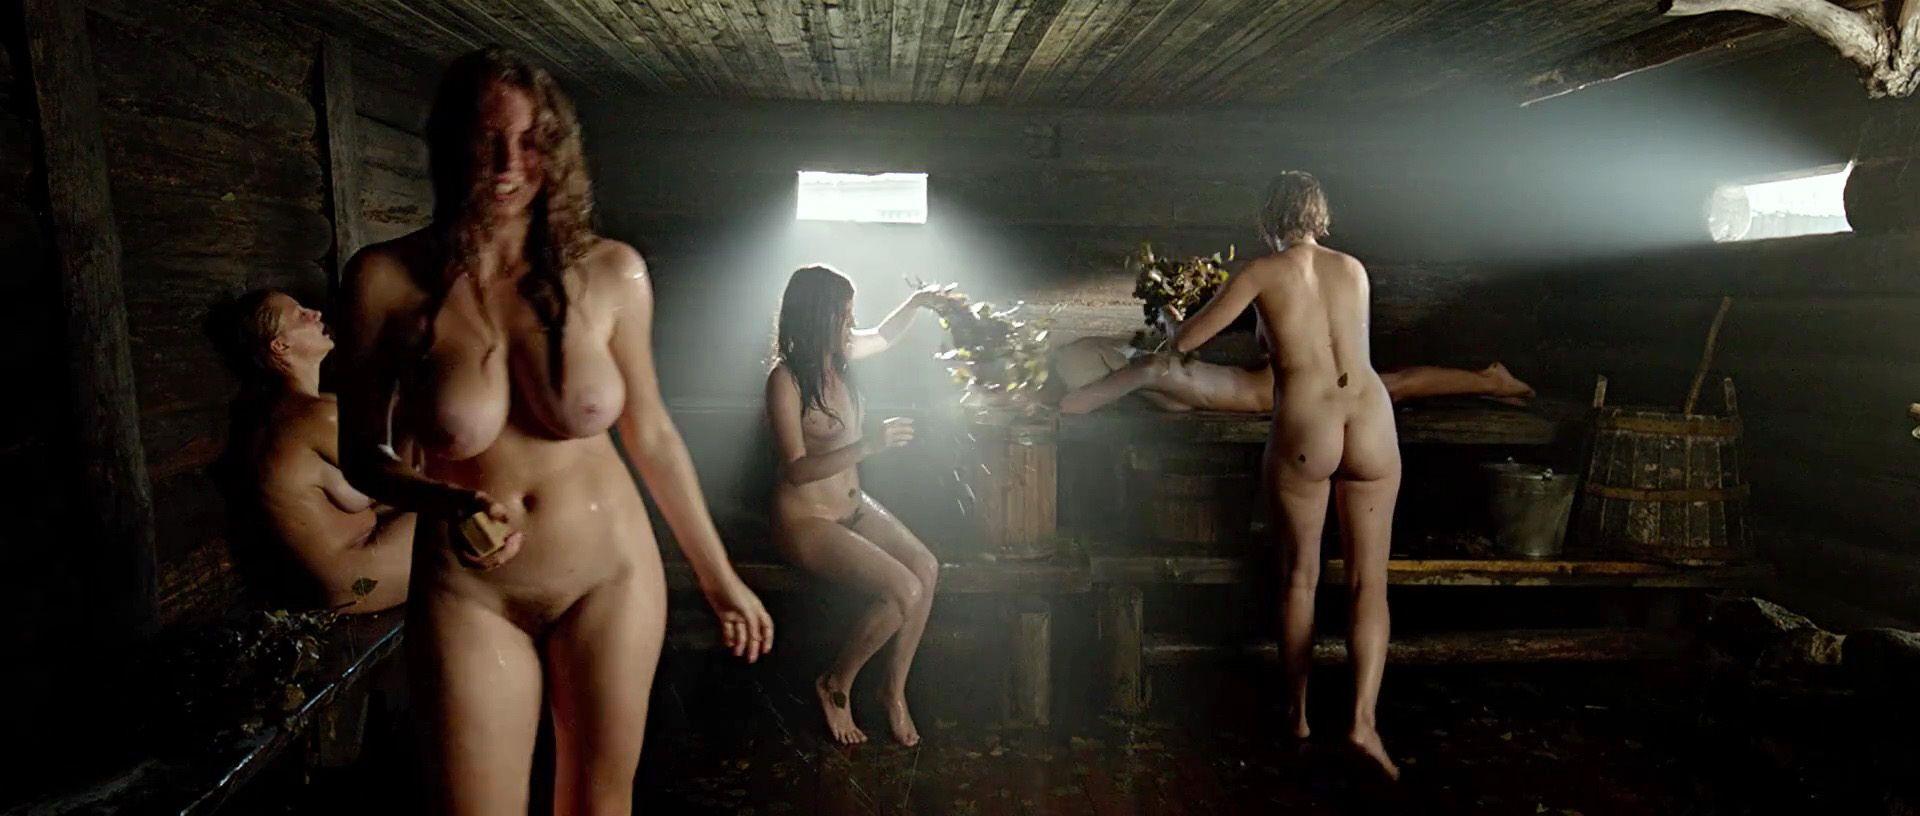 Эротические фотки россия, Фото голых русских девушек - красивая эротика 14 фотография